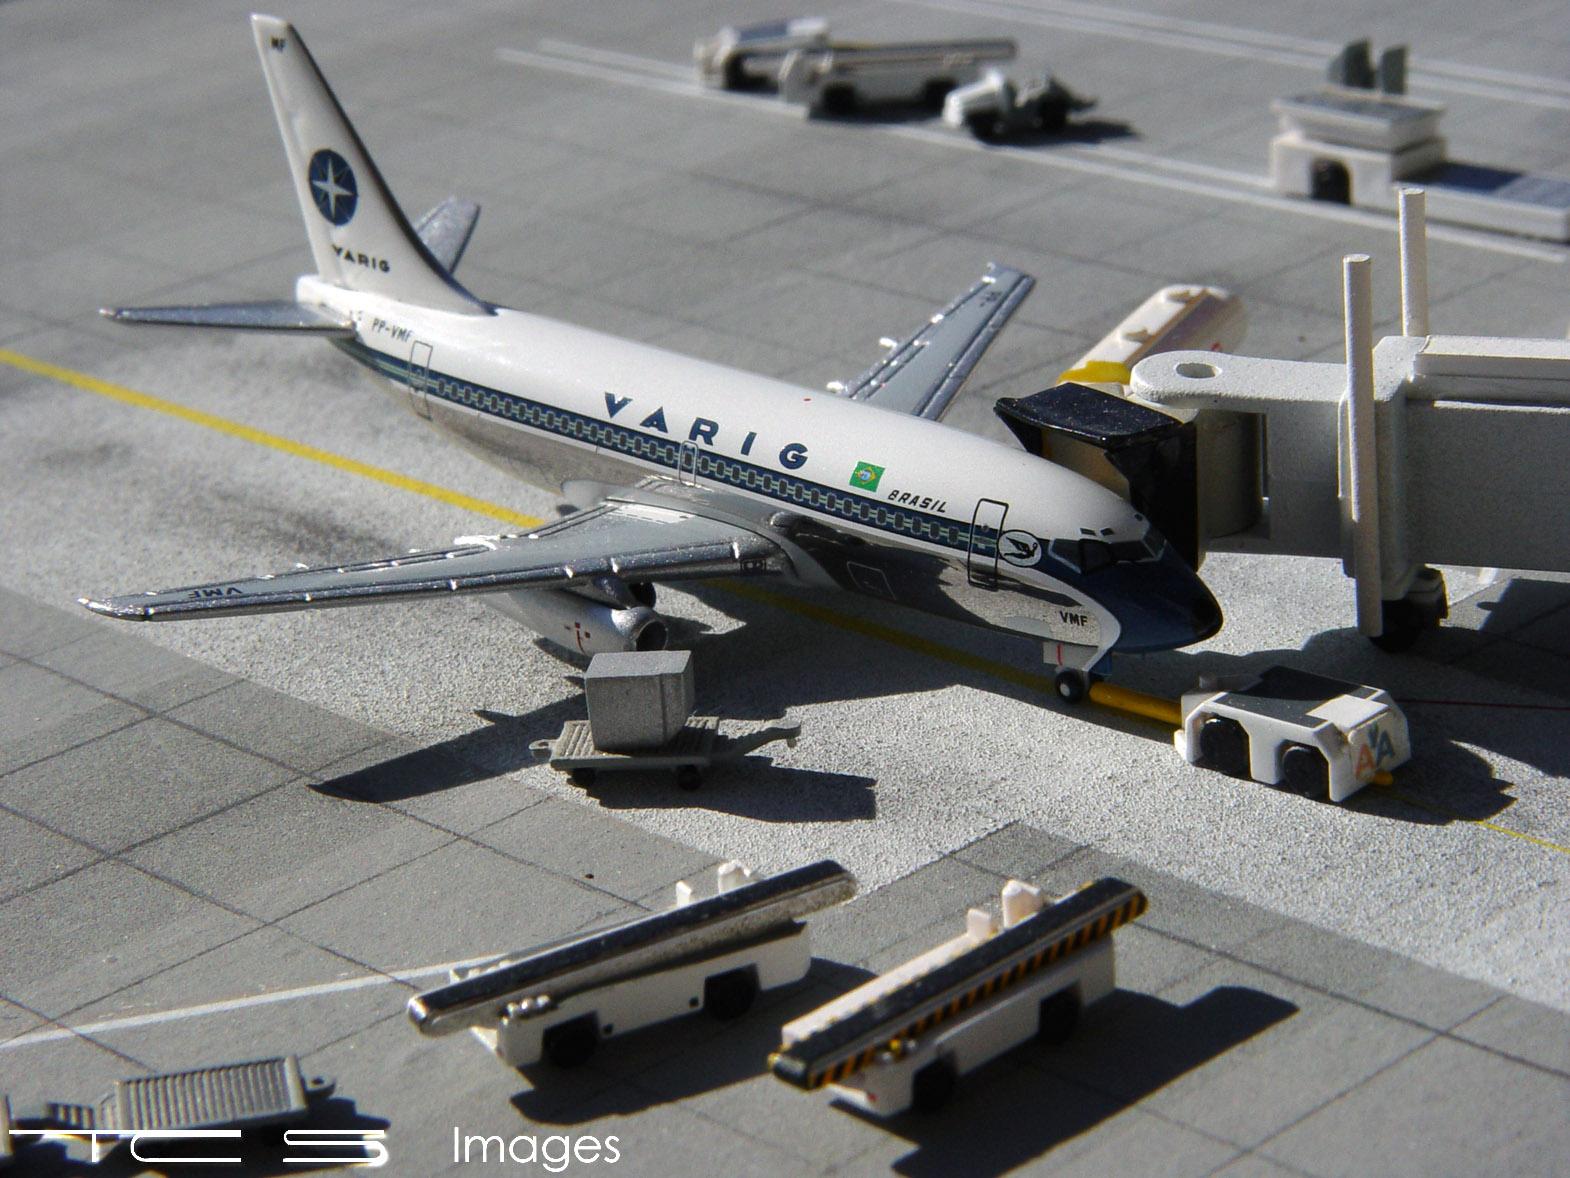 Varig 737-200